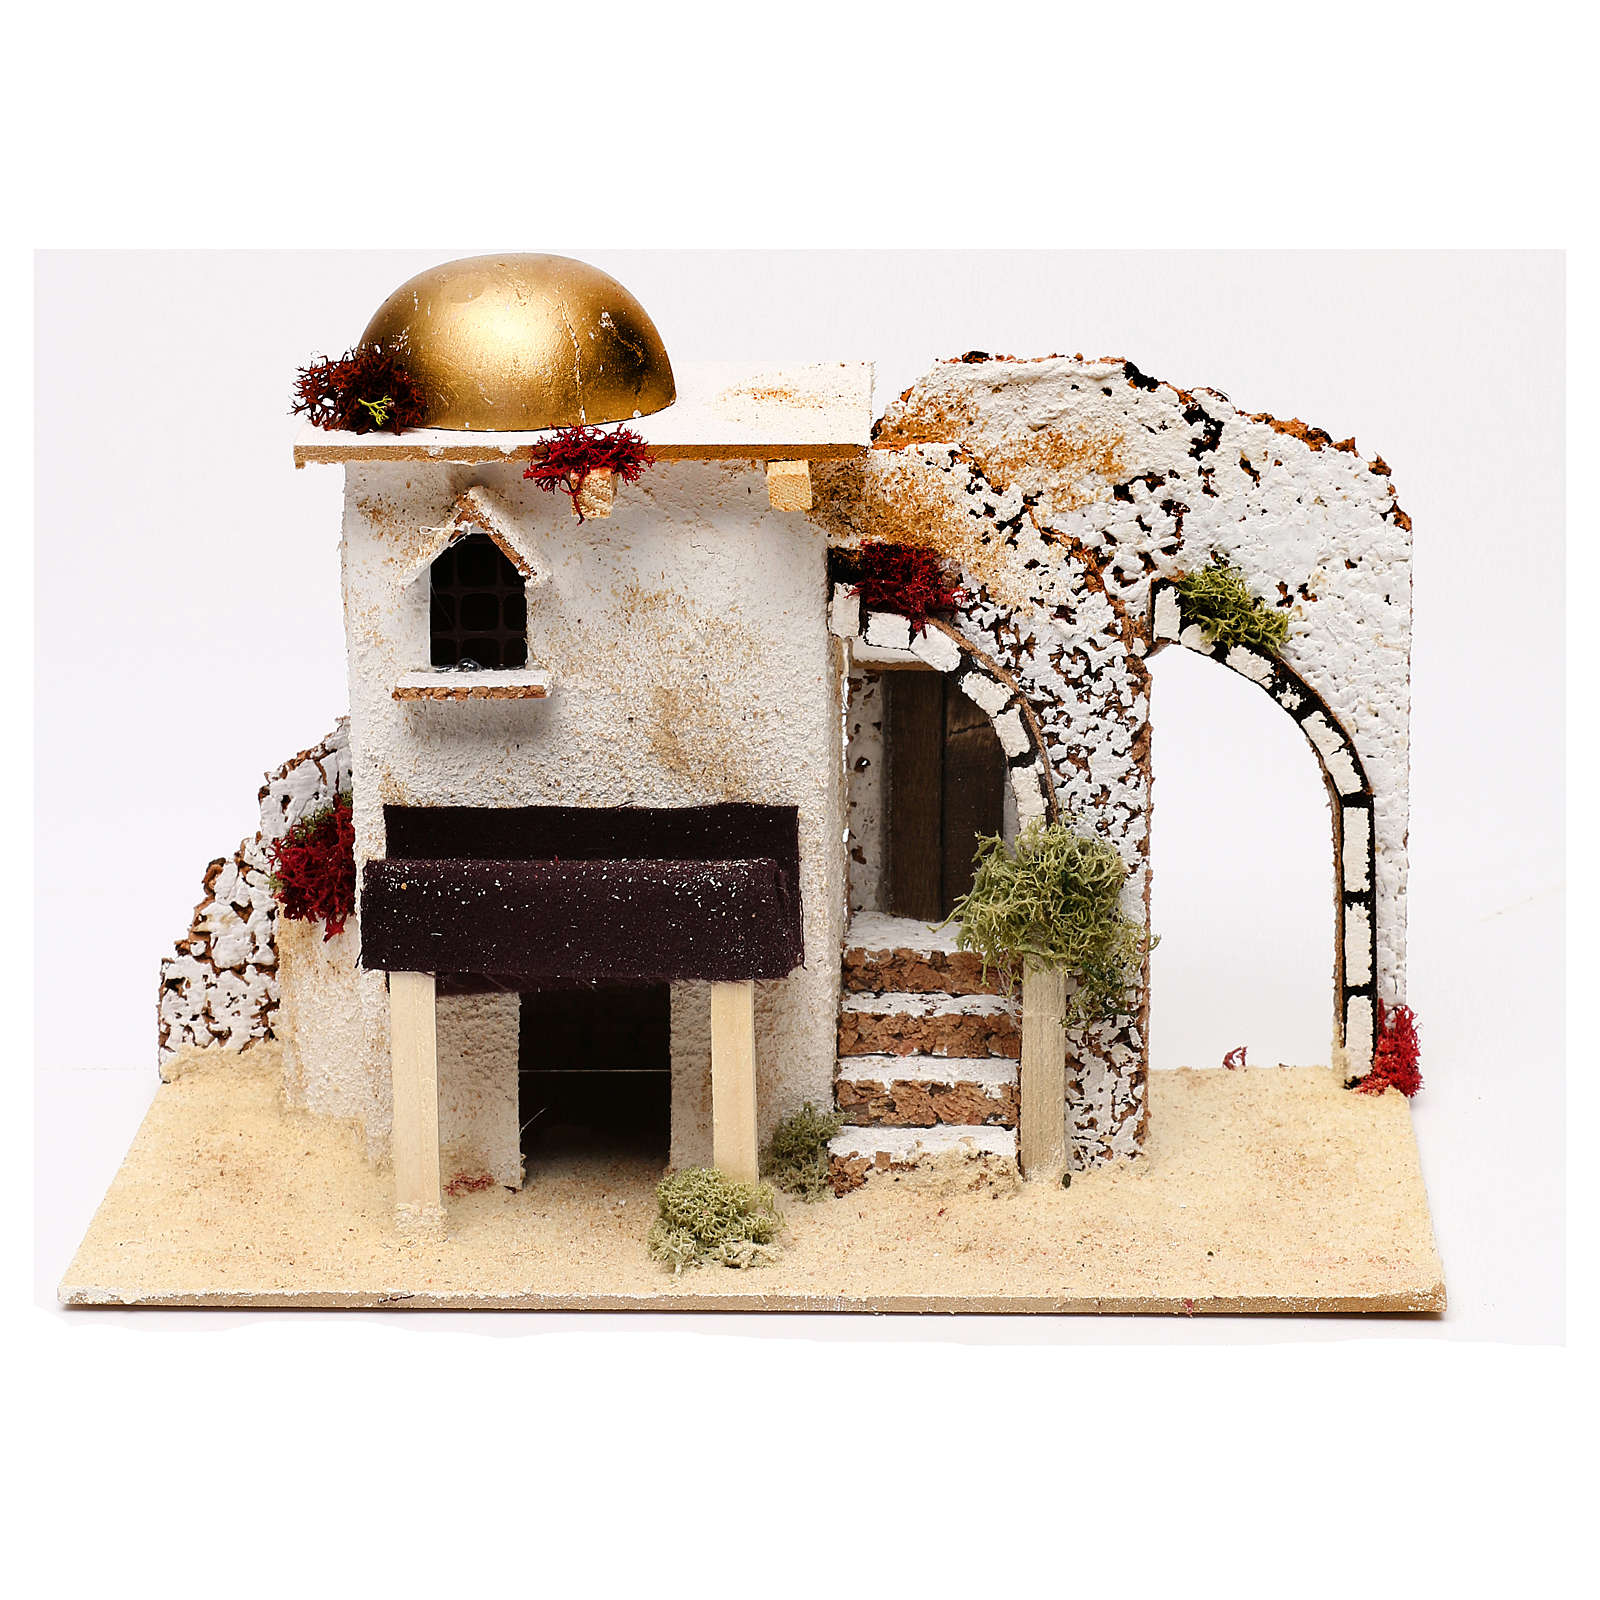 Casetta stile arabo ingresso con portico 20x30x15 cm per presepi 5 cm 4